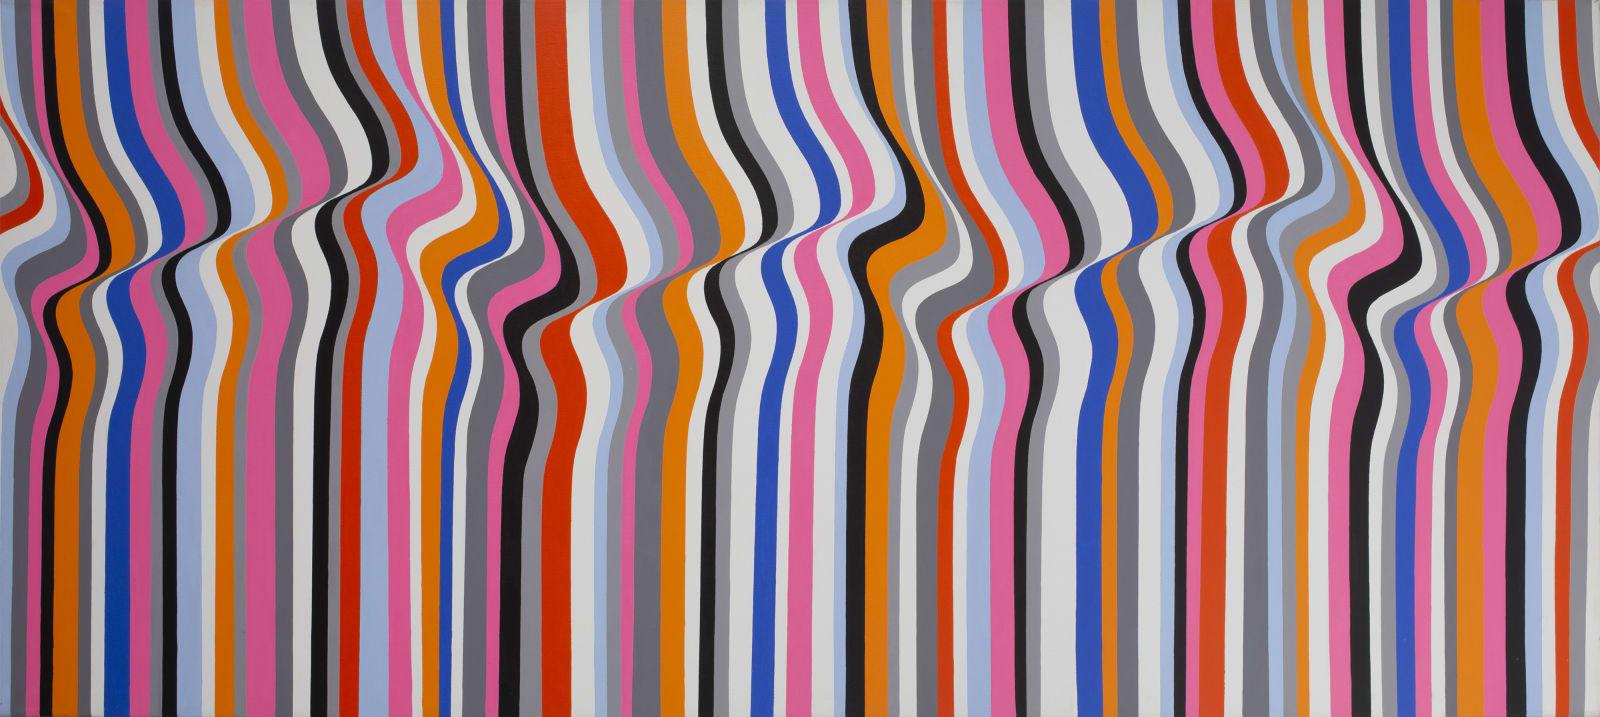 Cristina Ghetti, Color Thinking Composition IV, 2018